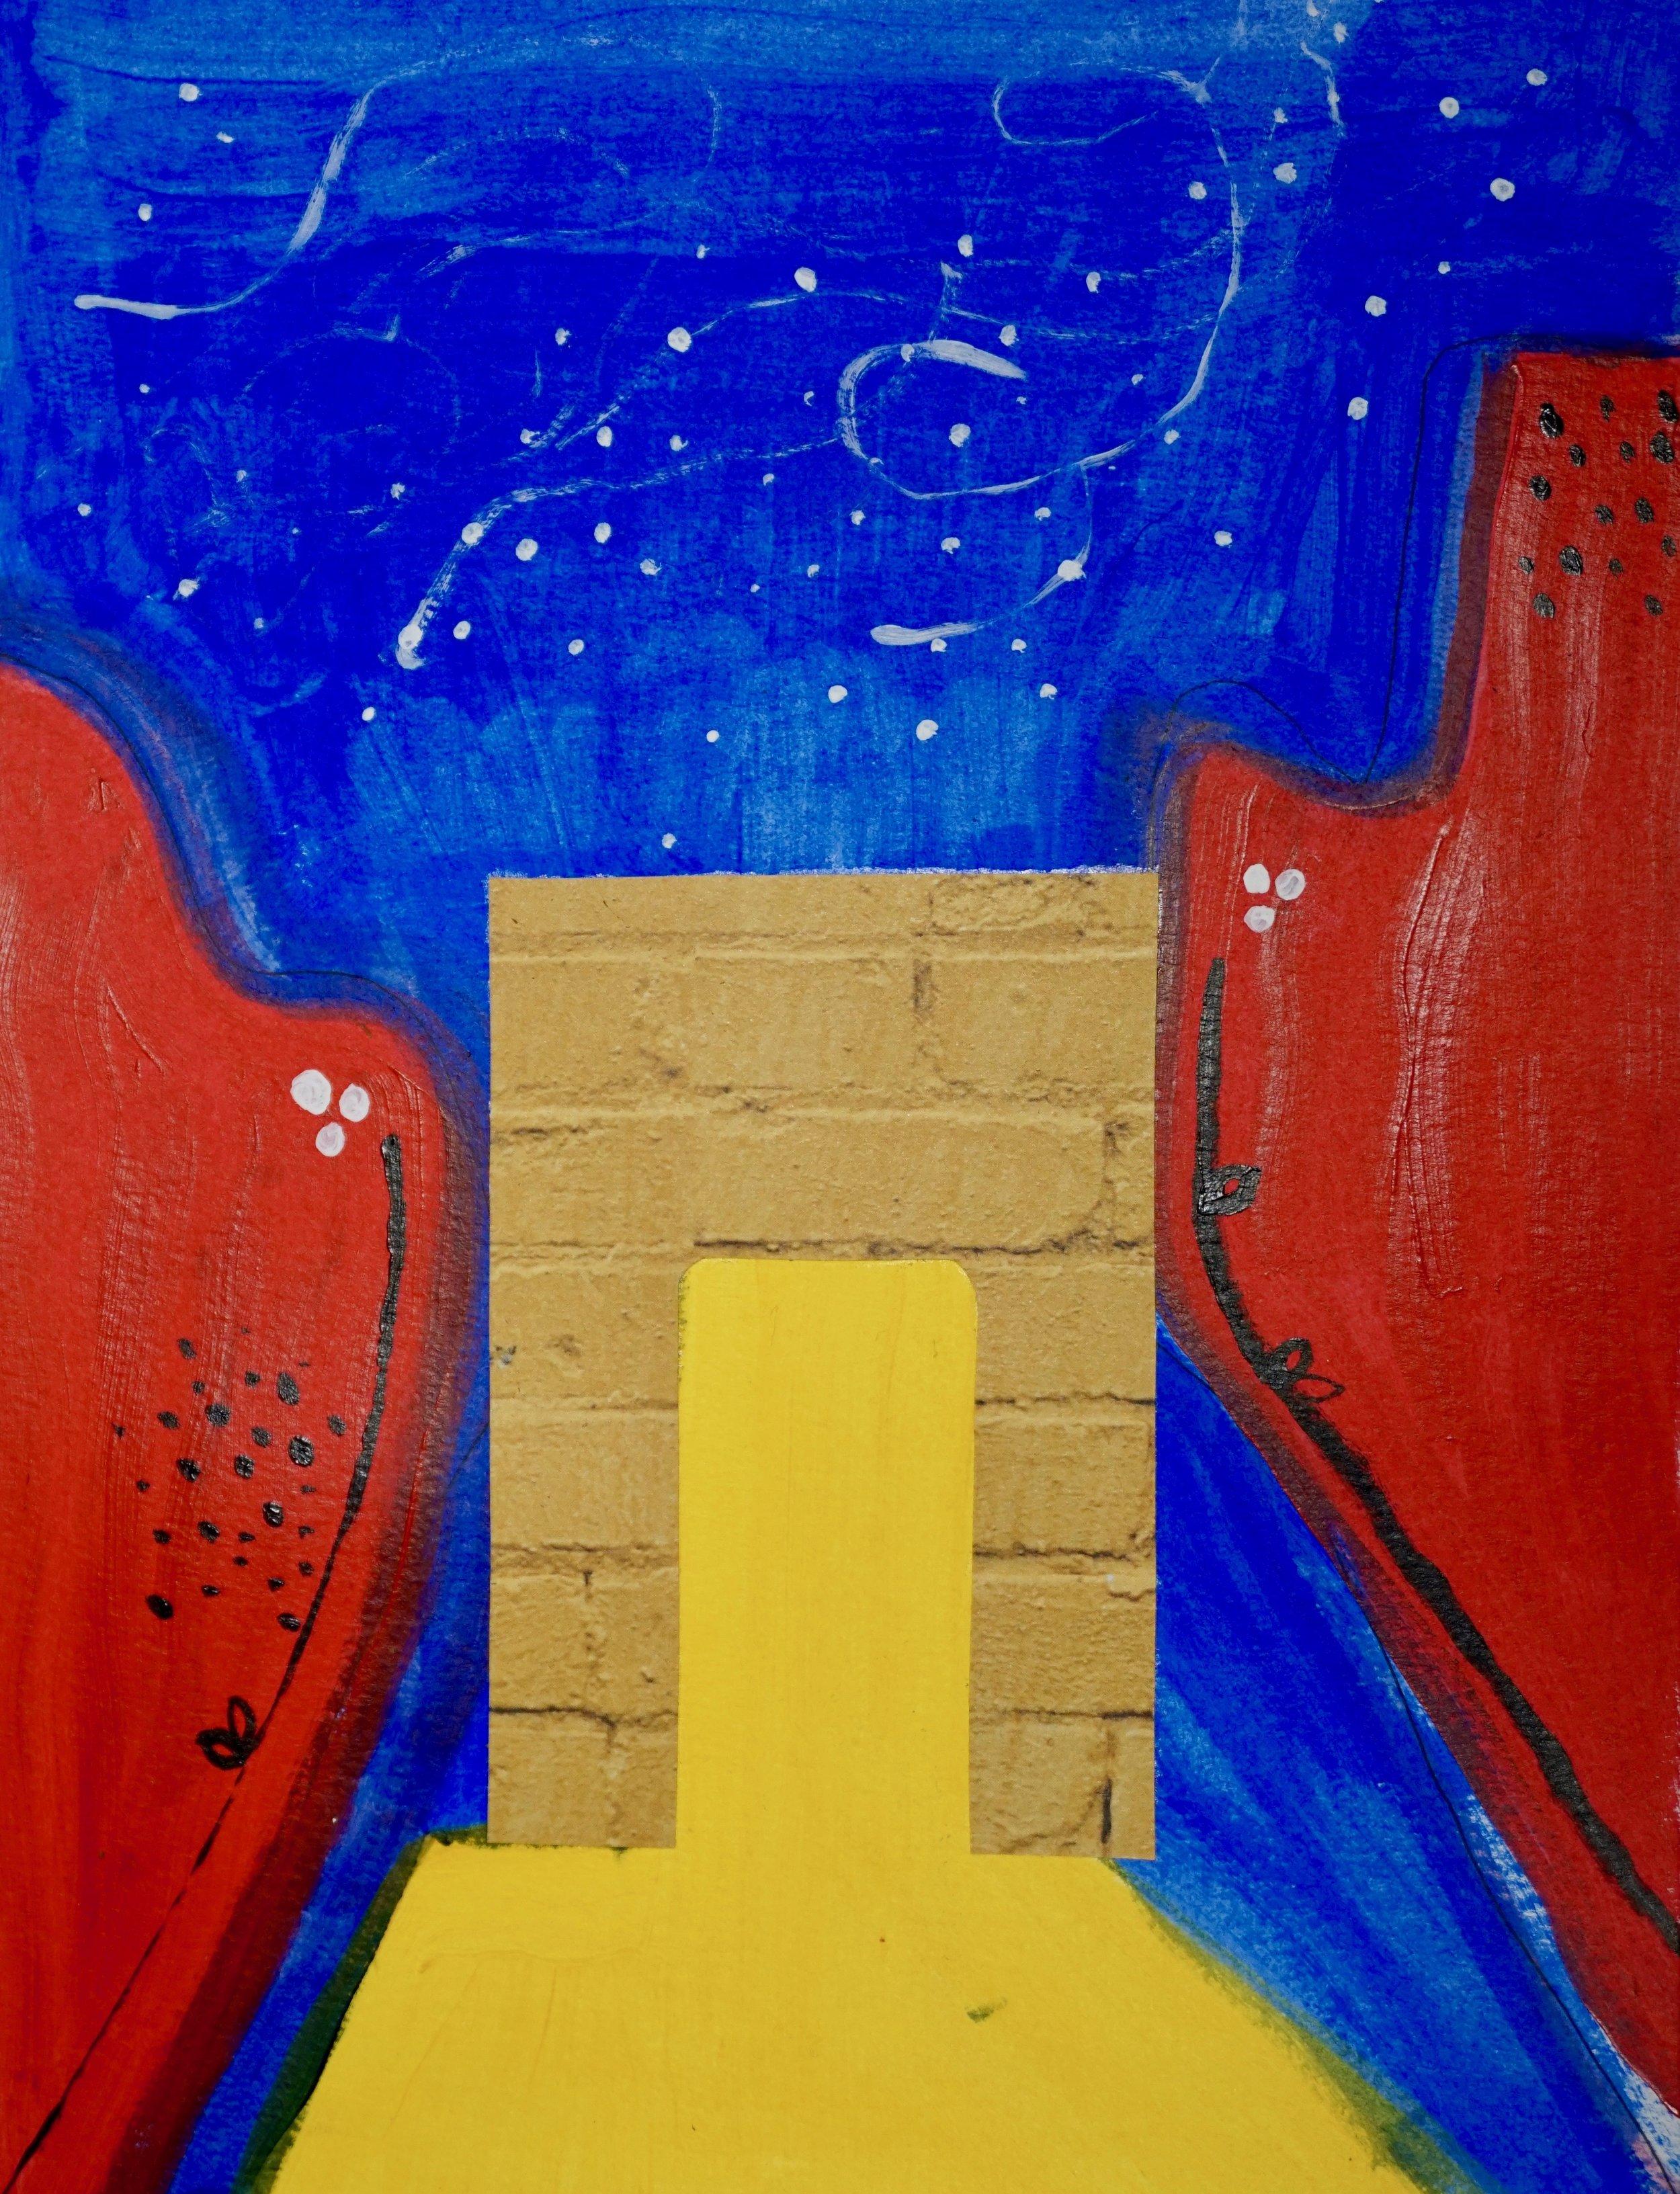 Doorway by Kathryn Sturges